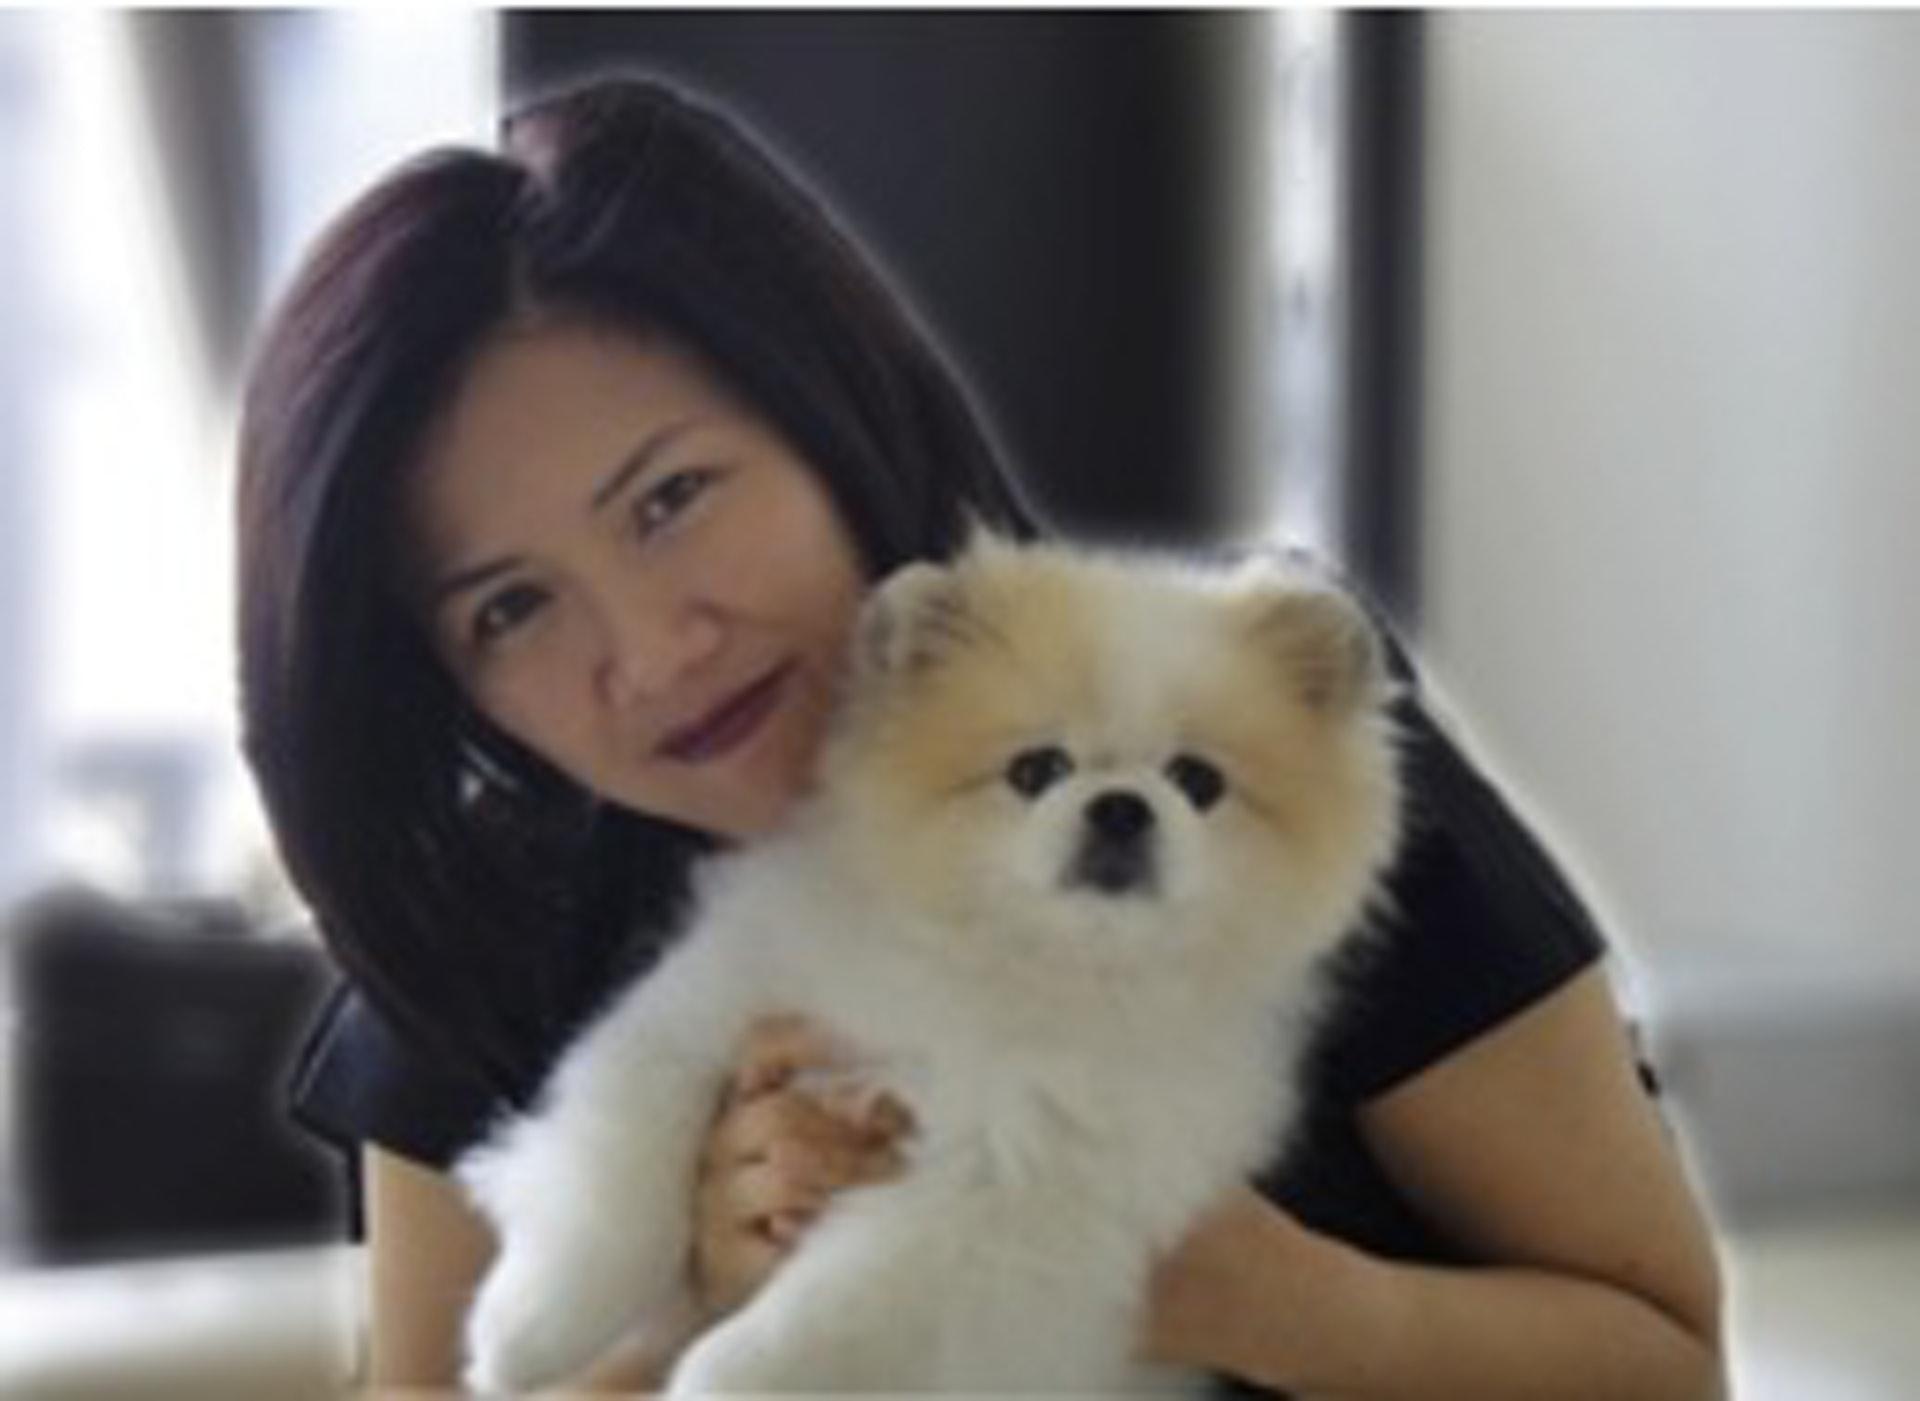 周巧兒曾公開表示有飼養狗隻,並公開合照。但不能確定此狗是否病毒呈弱陽性的狗隻。(網上圖片)